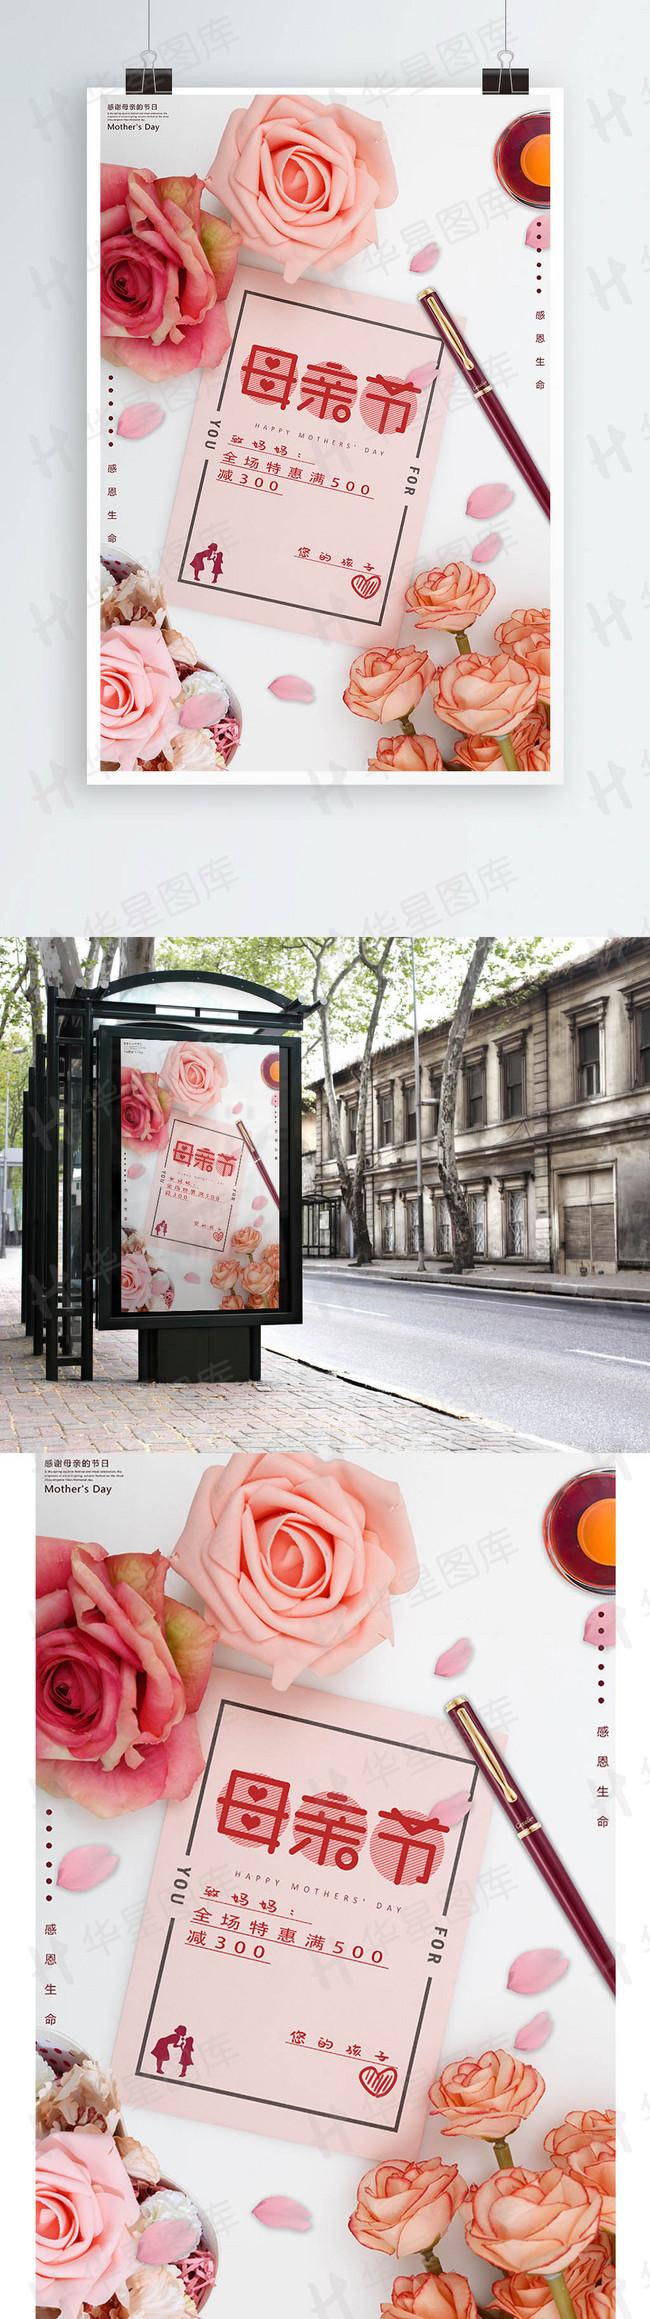 温馨浪漫信封母亲节宣传促销海报